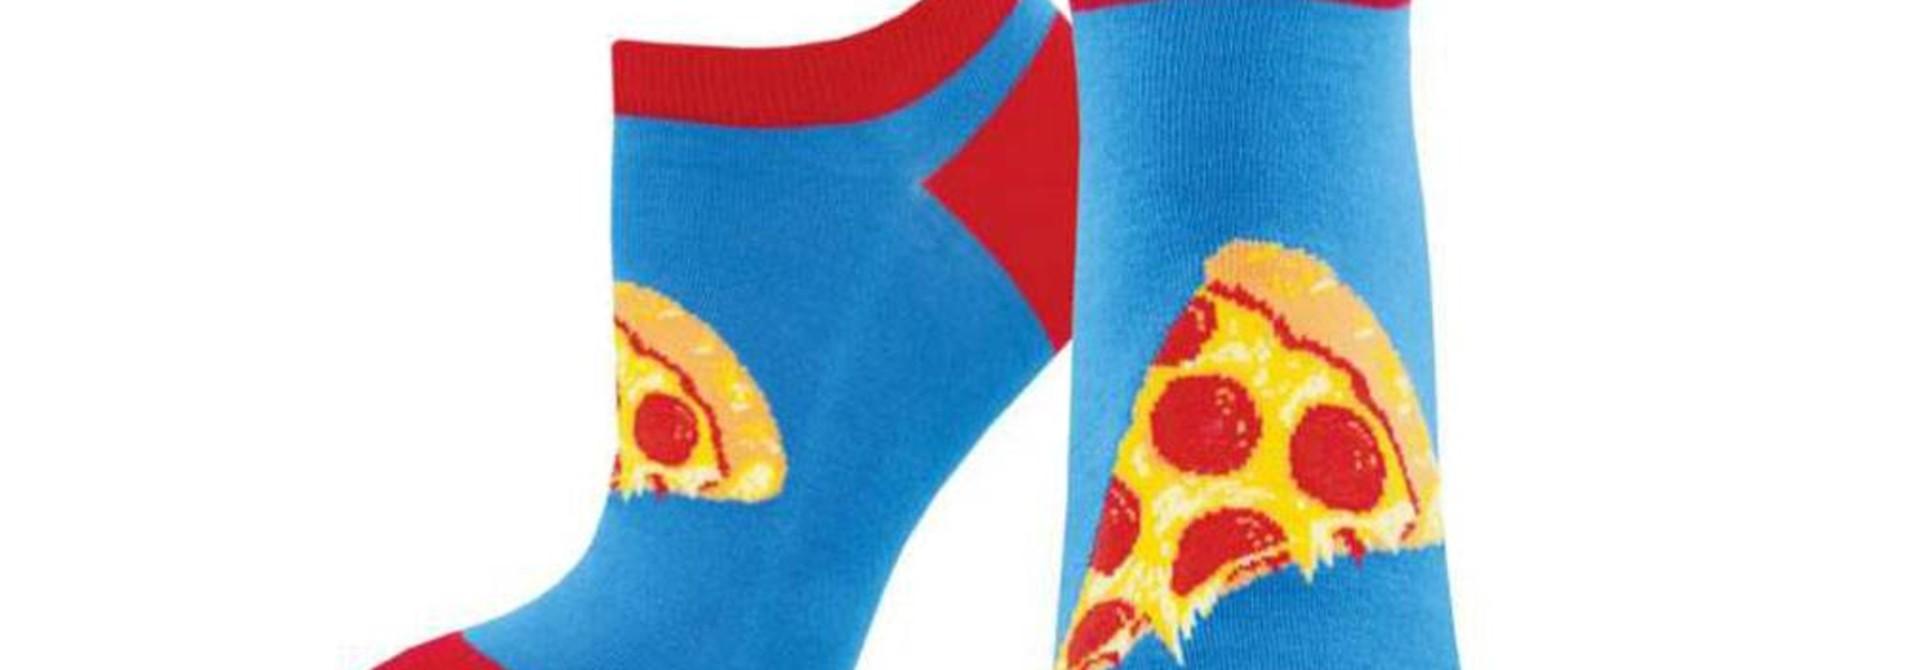 W's Anyway You Slice It Shortie Socks, Blue